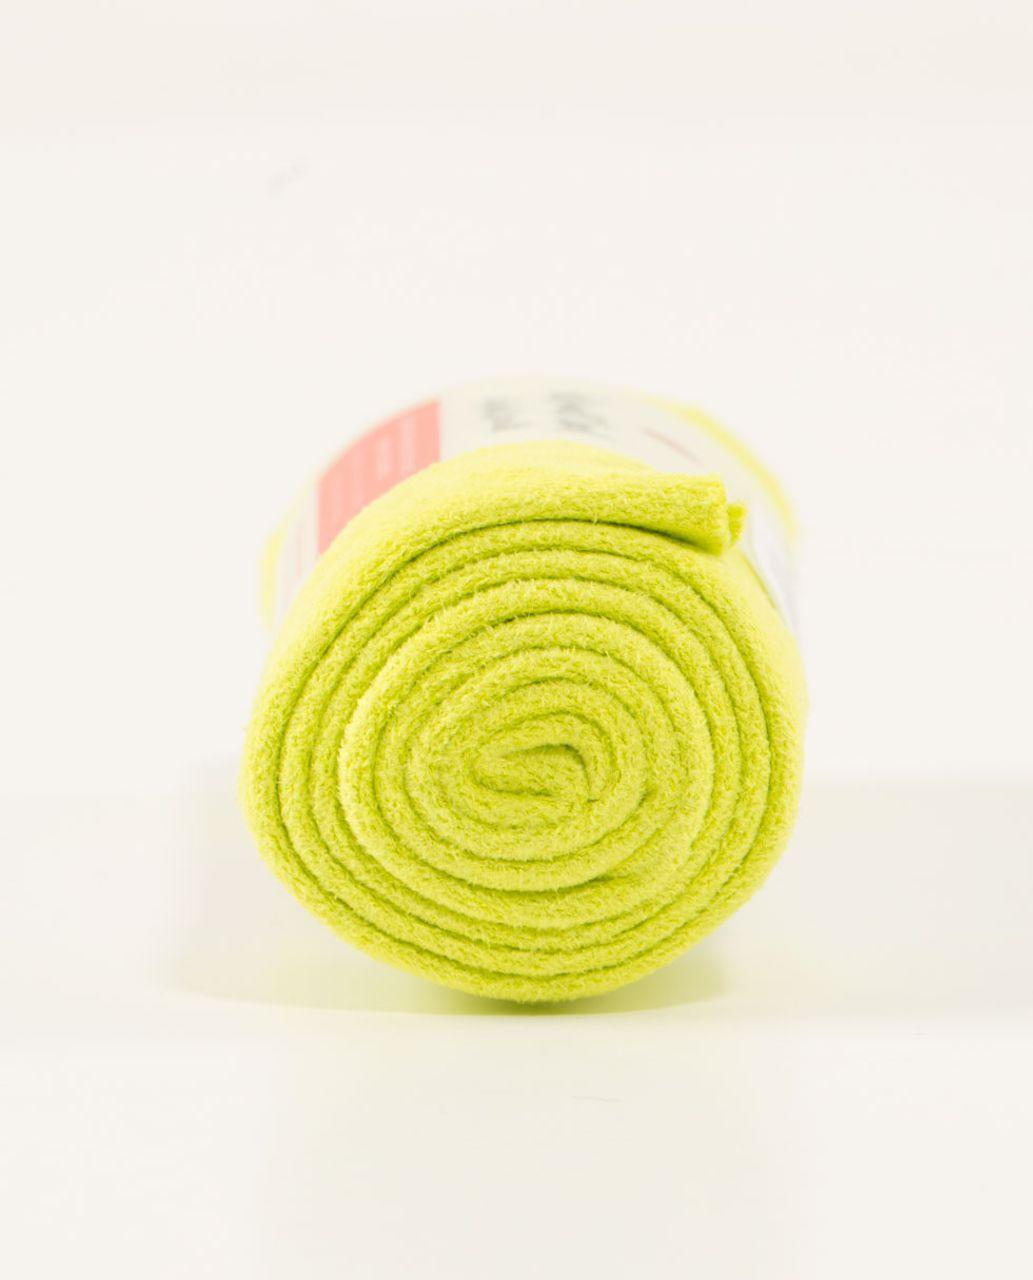 Lululemon The (Small) Towel - Split Pea